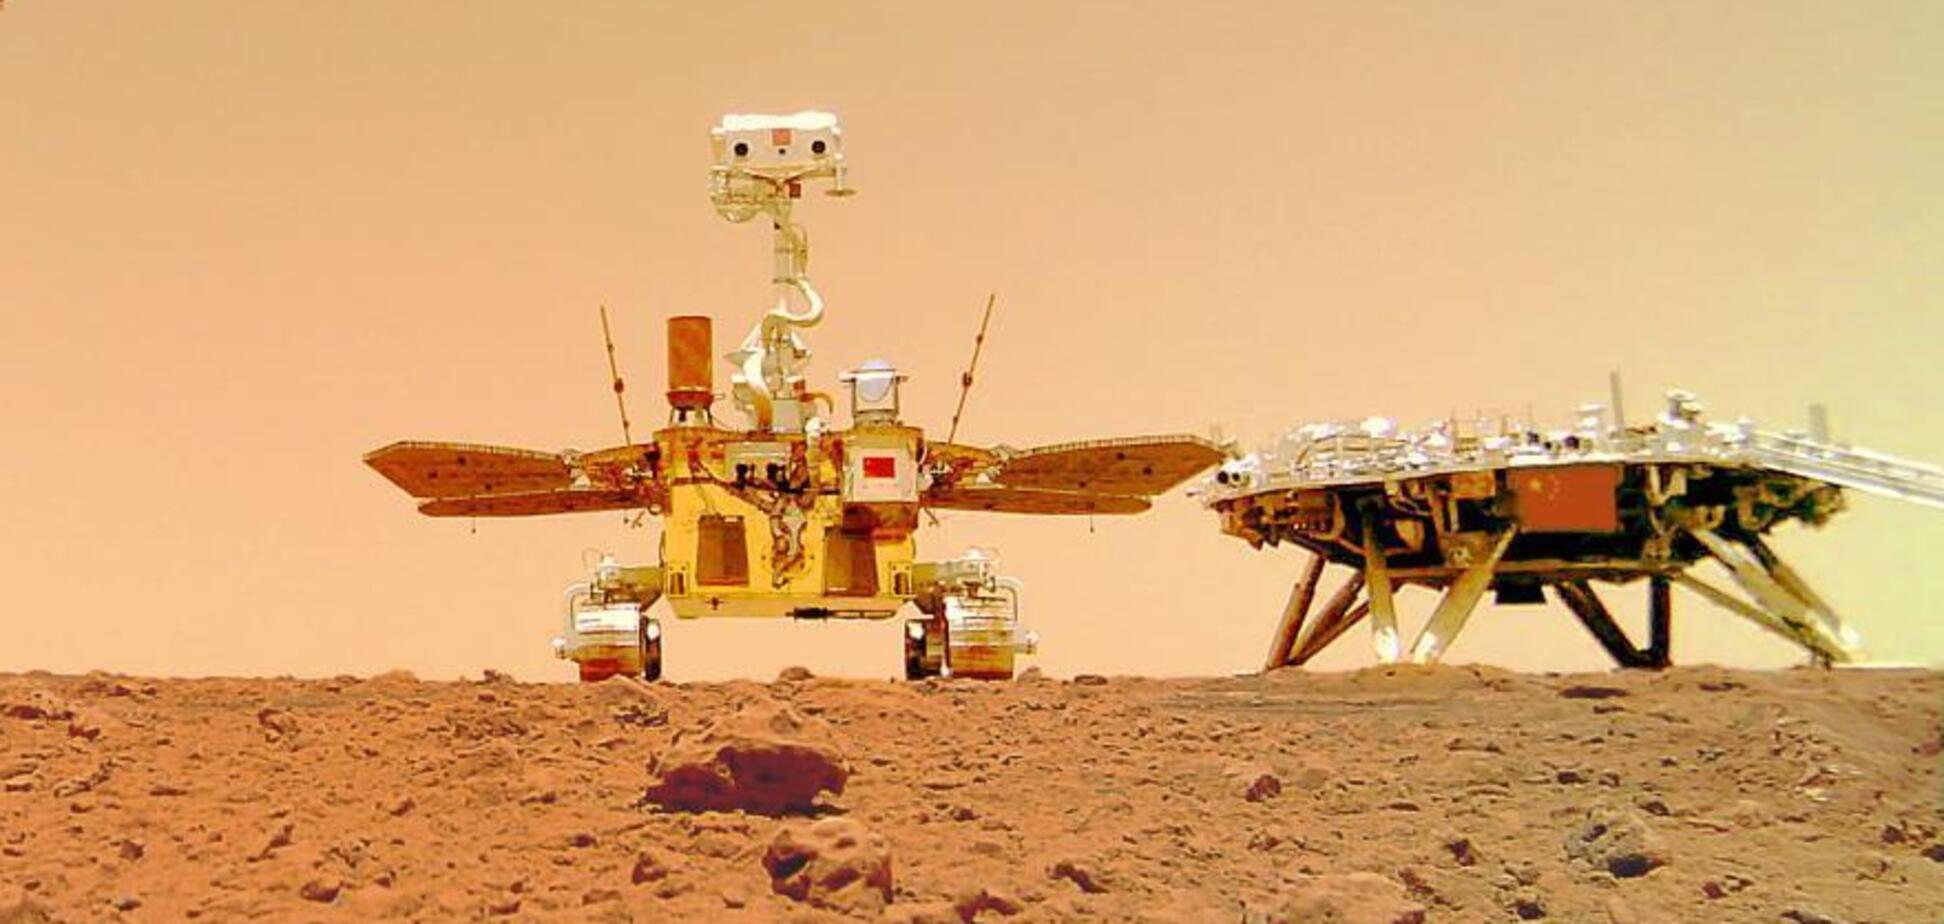 Китайський марсохід надіслав селфі з Червоної планети